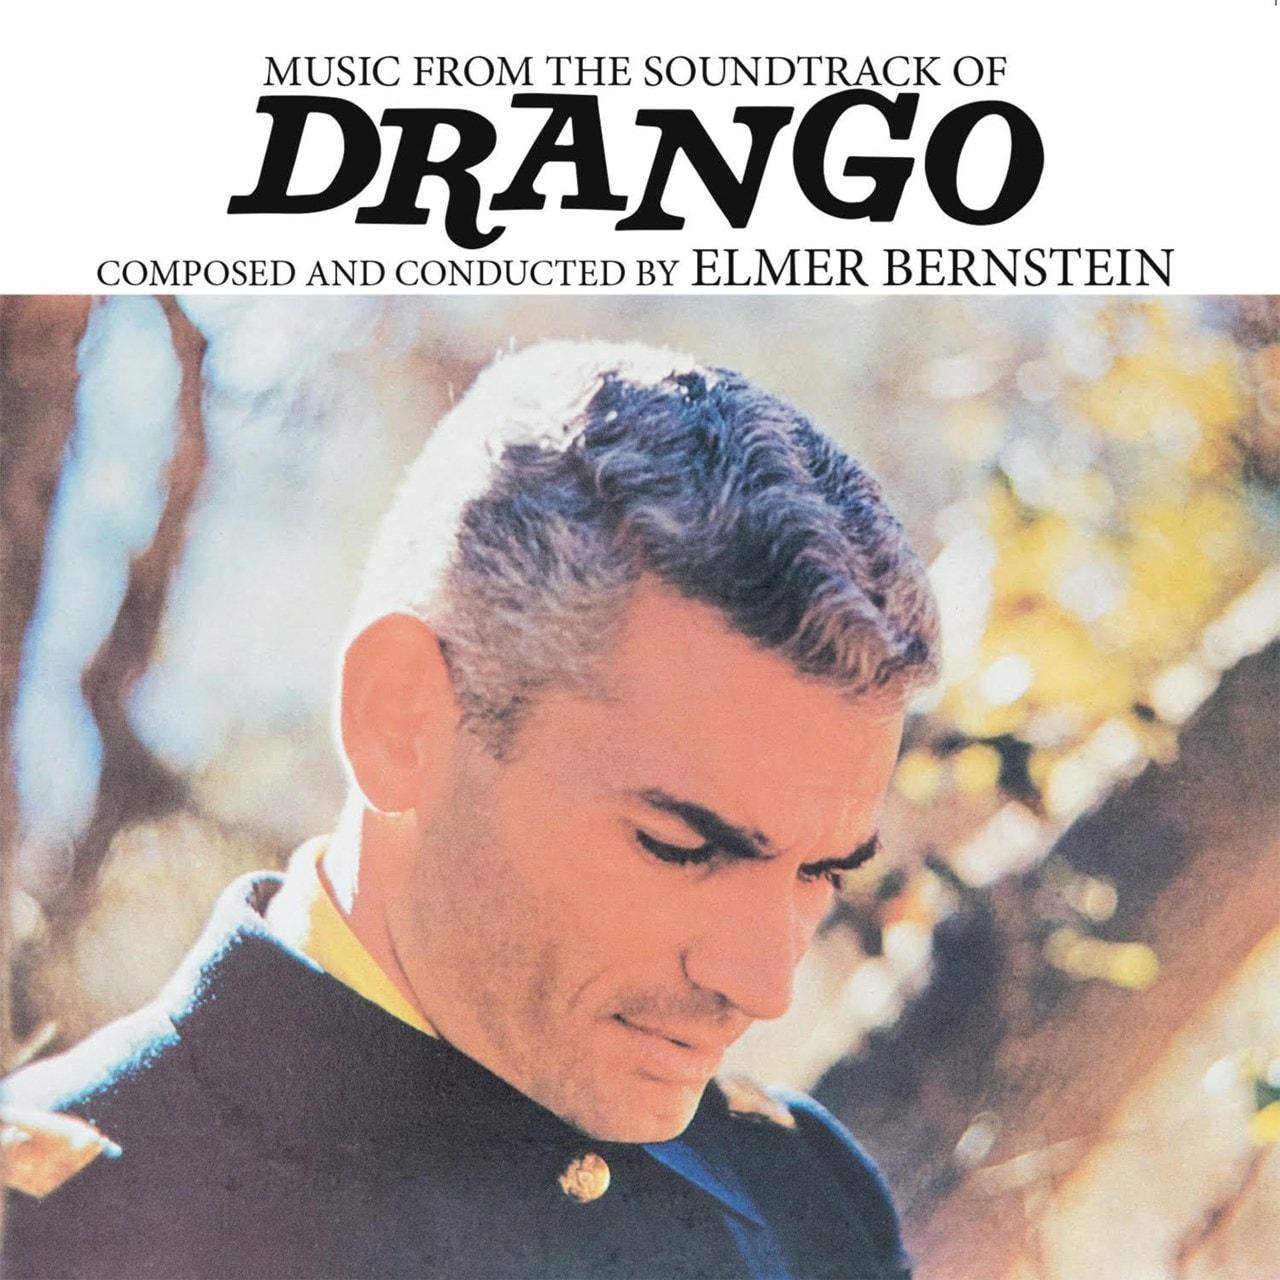 Drango - 1